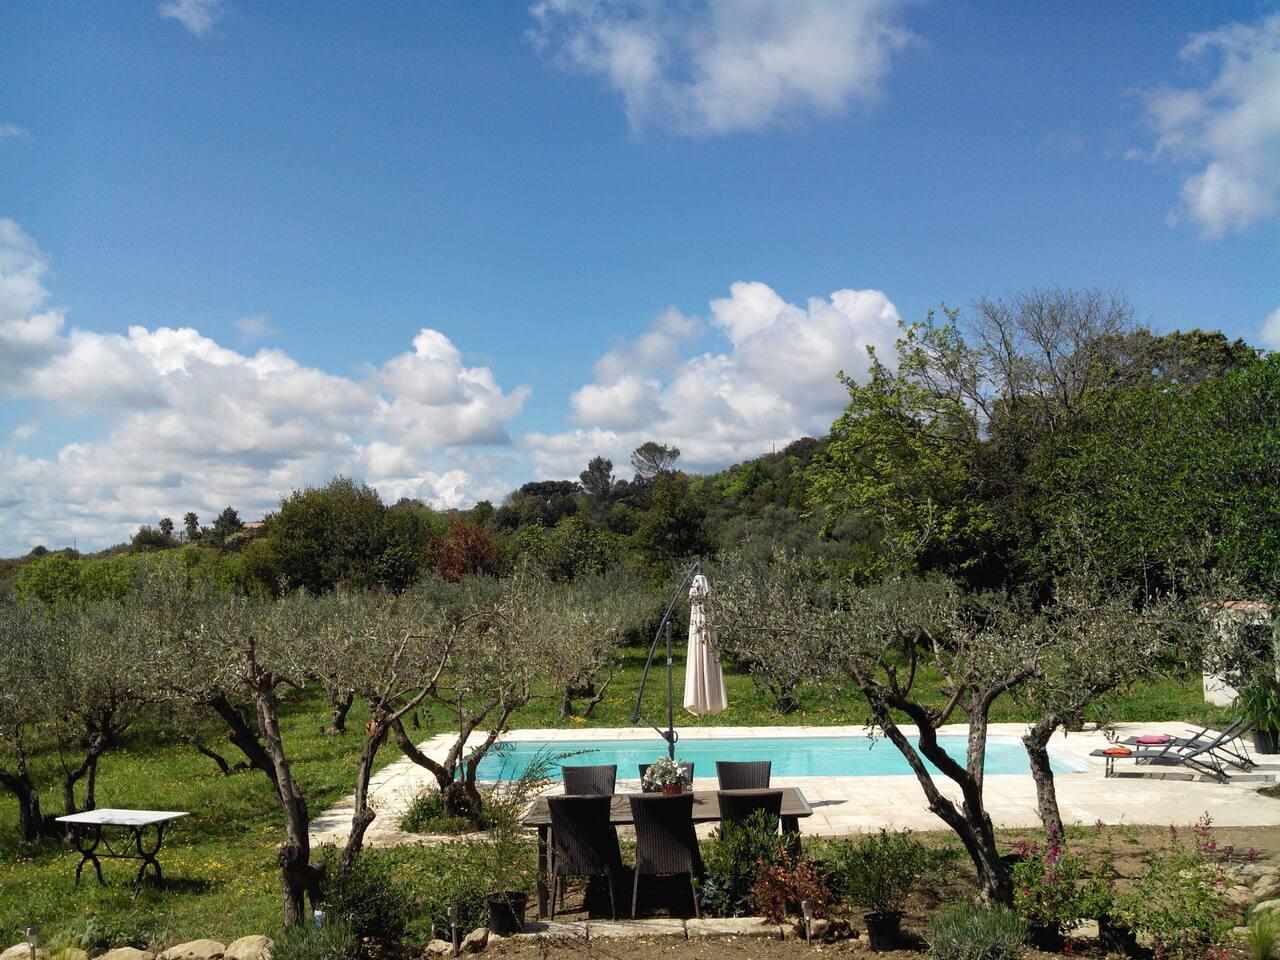 la piscine dans son écrin de nature/the pool in its natural beauty